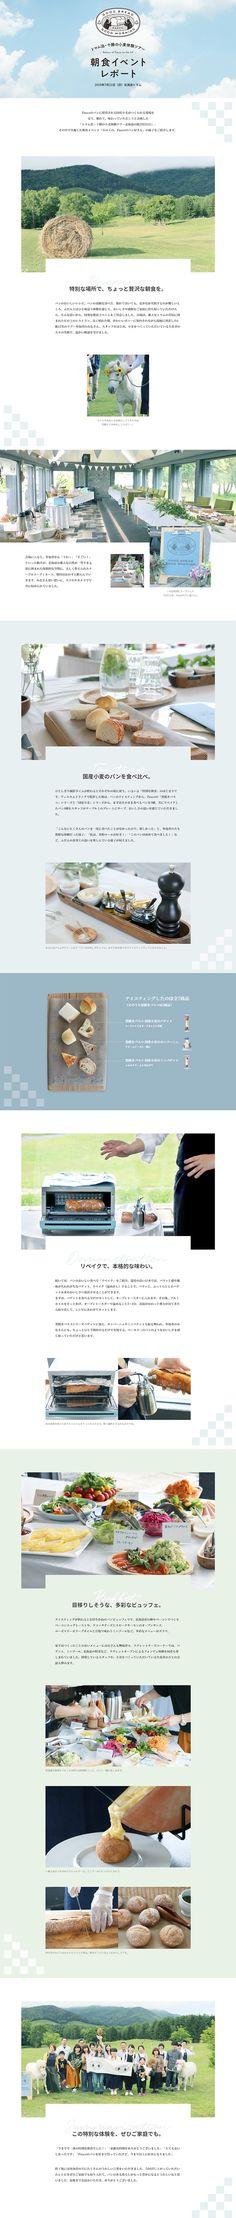 ランディングページ LP 北海道イベントレポート|サービス・保険・金融|自社サイト